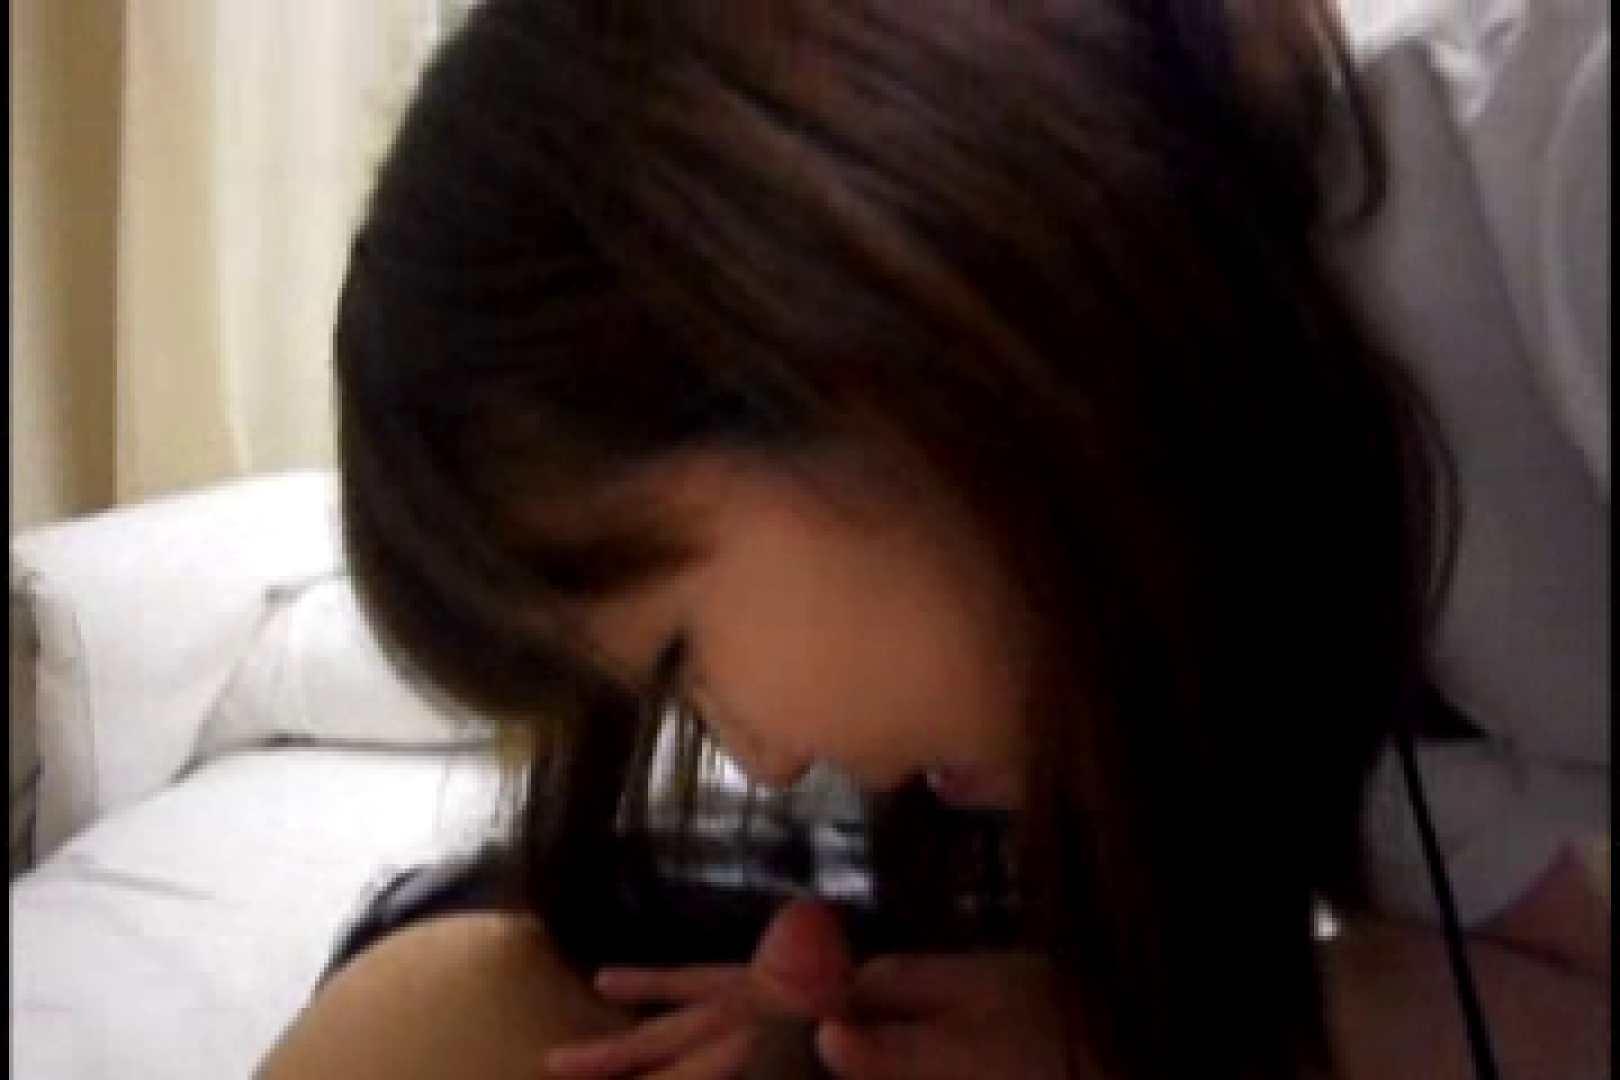 ヤリマンと呼ばれた看護士さんvol1 OLのエッチ  112pic 102